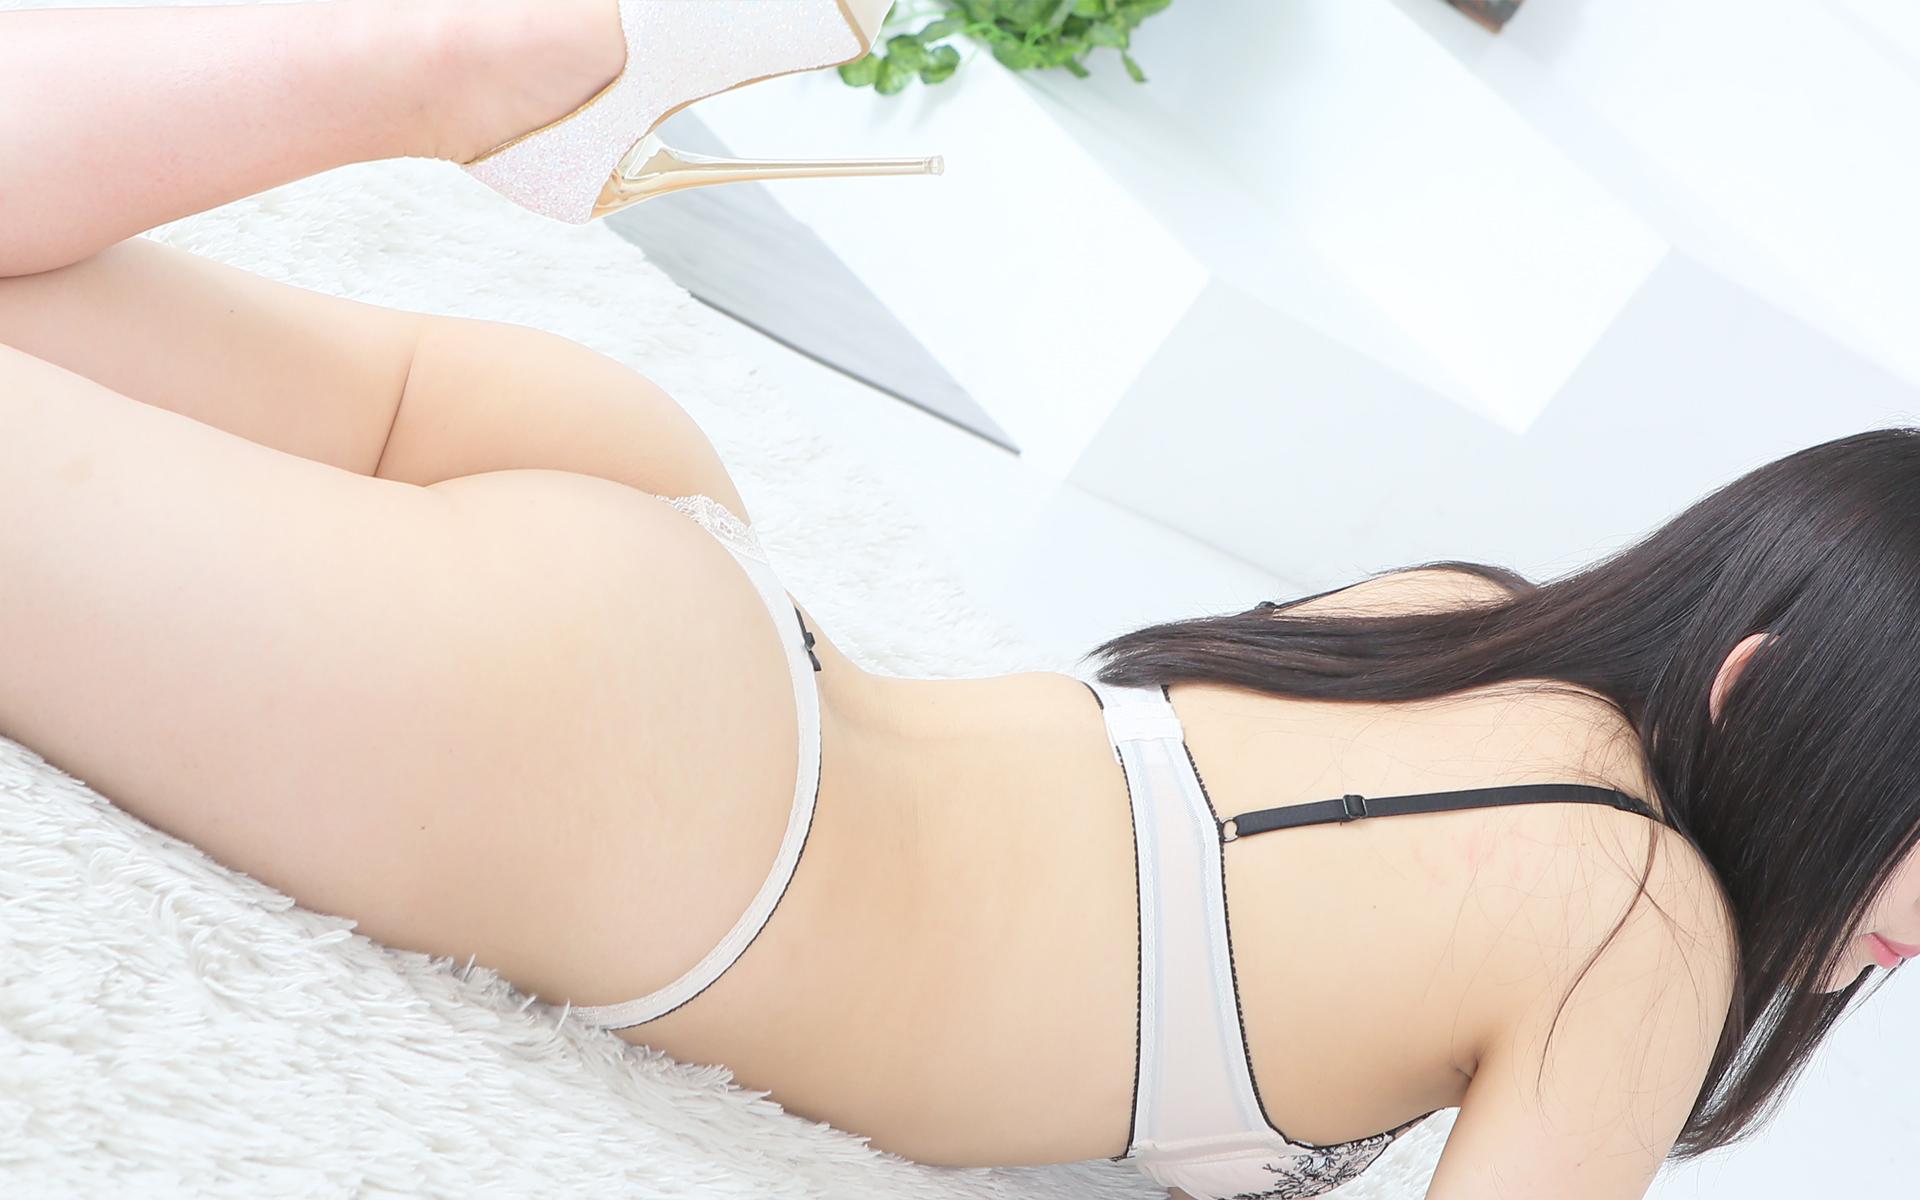 千葉デリヘル 風俗|人妻デリバリーヘルス『秘密倶楽部 凛 千葉店』